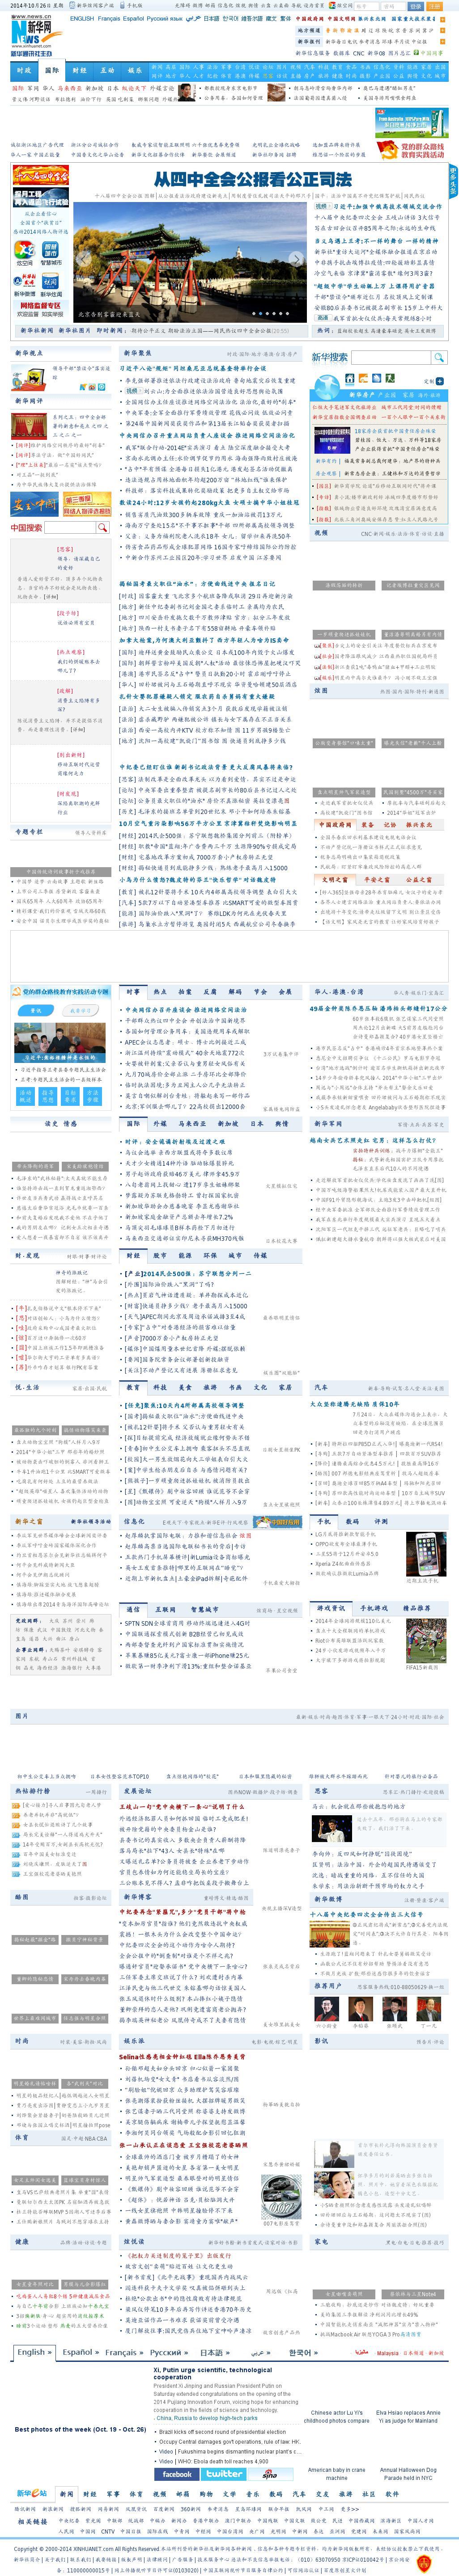 Xinhua at Sunday Oct. 26, 2014, 8:18 p.m. UTC